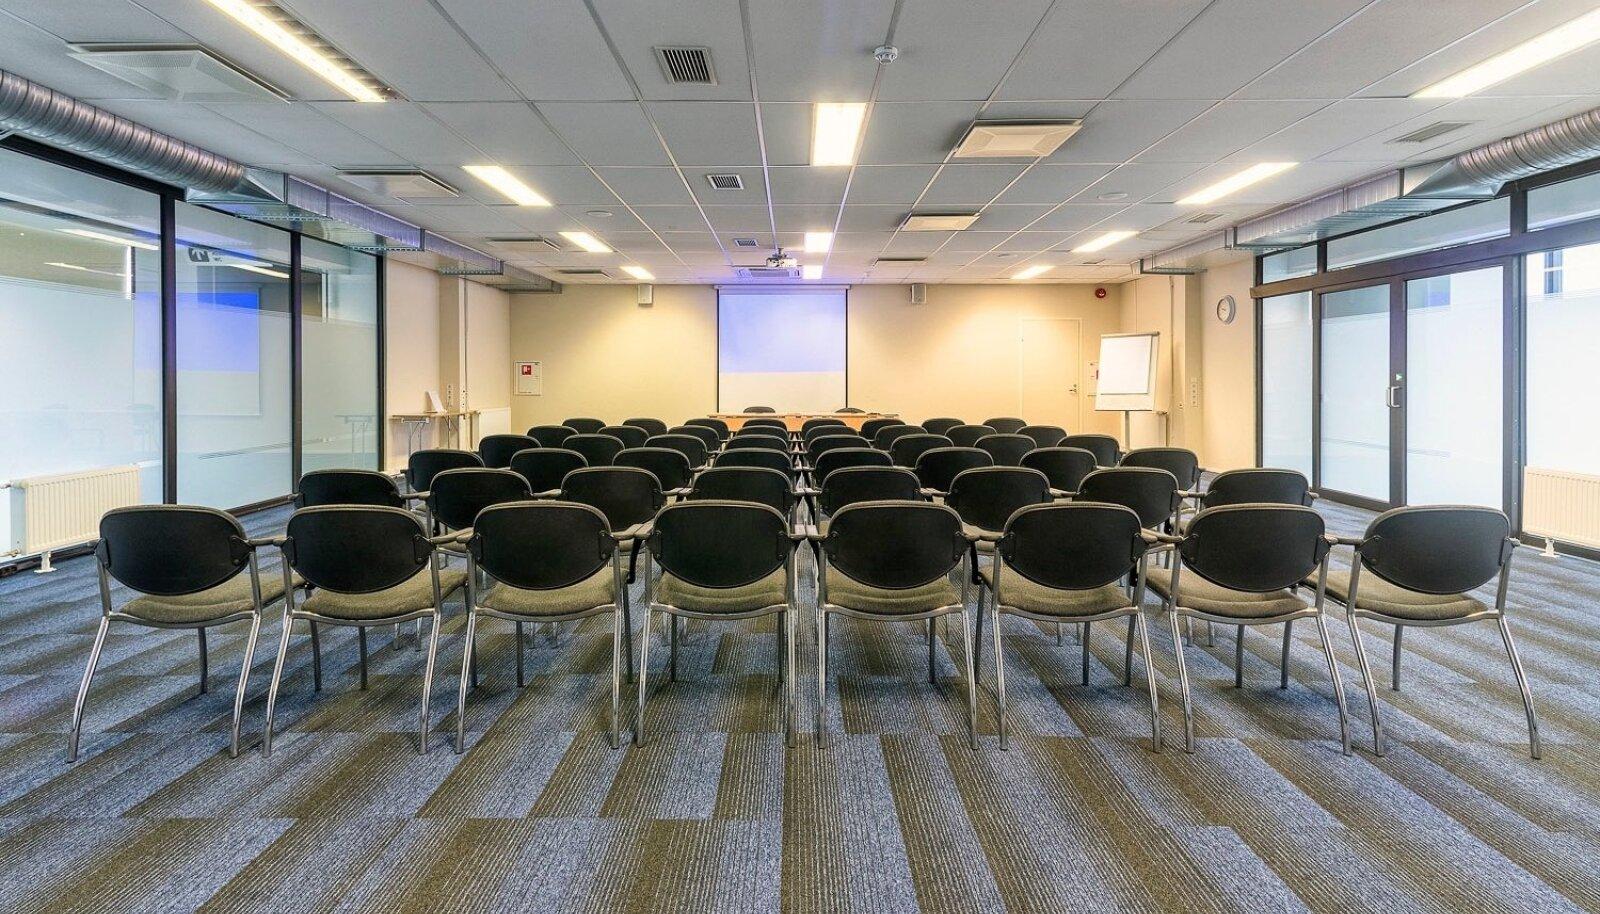 Spad ja konverentsikeskused on pidanud saale tühjana hoidma mitmeid kuid. Foto on illustratiivne.